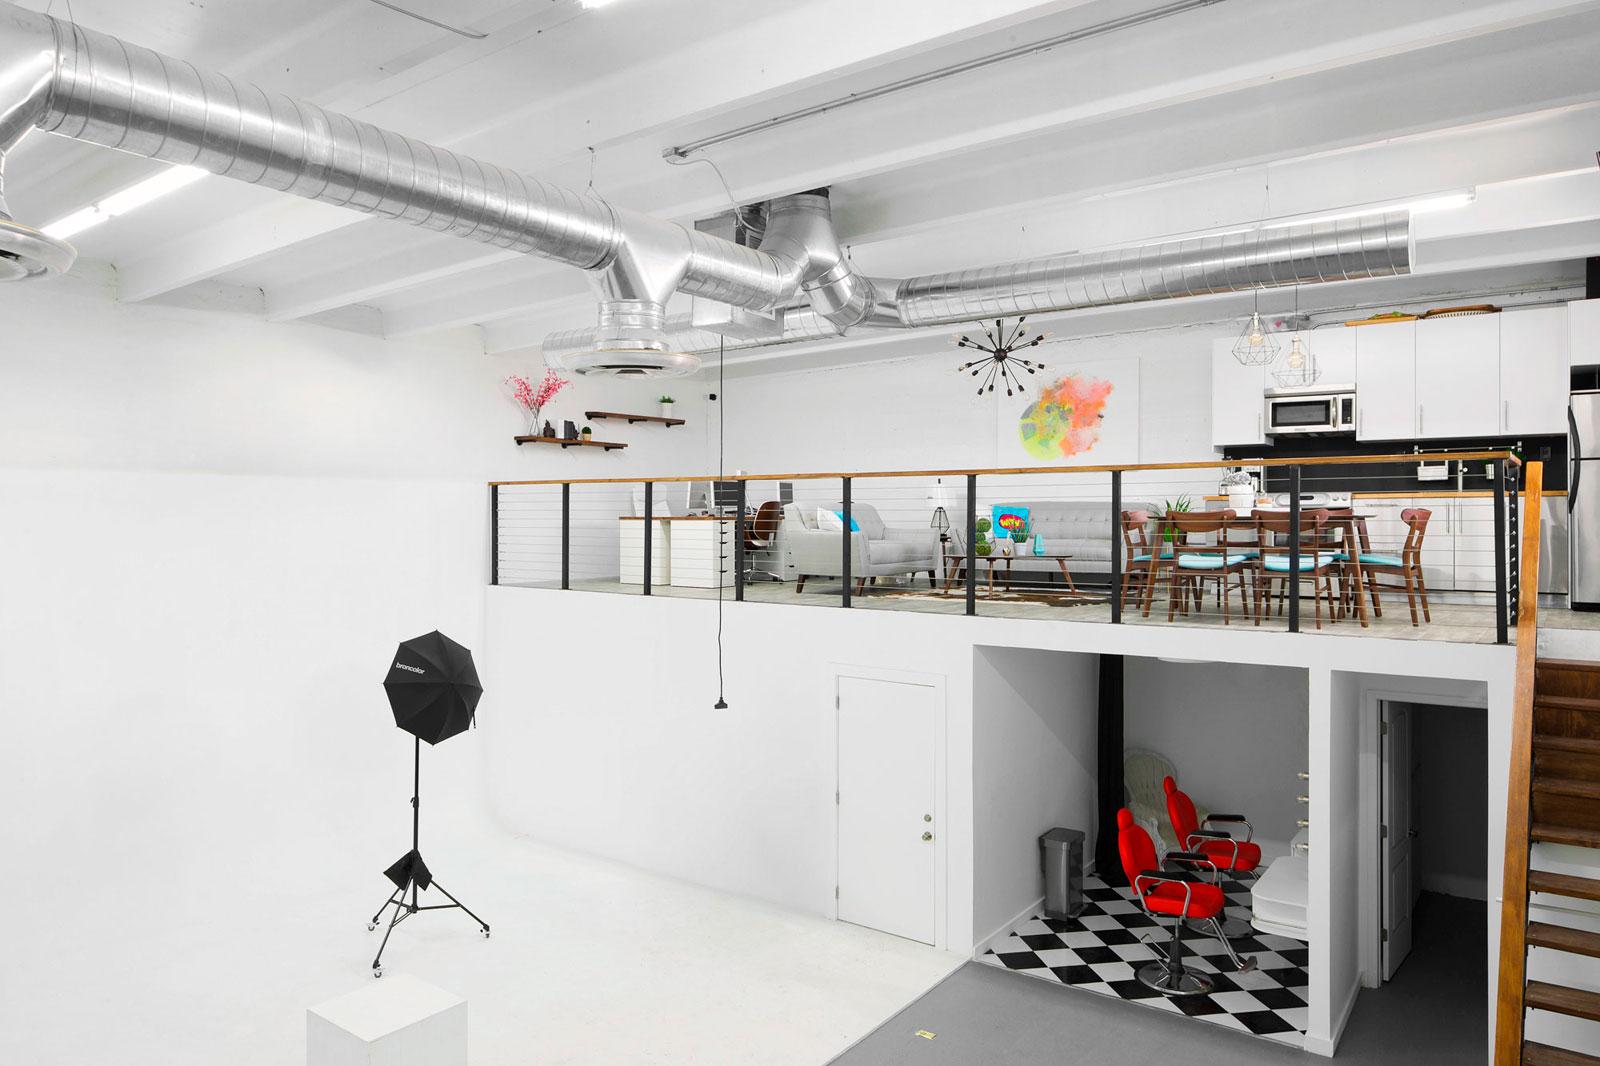 Studio Rental Service